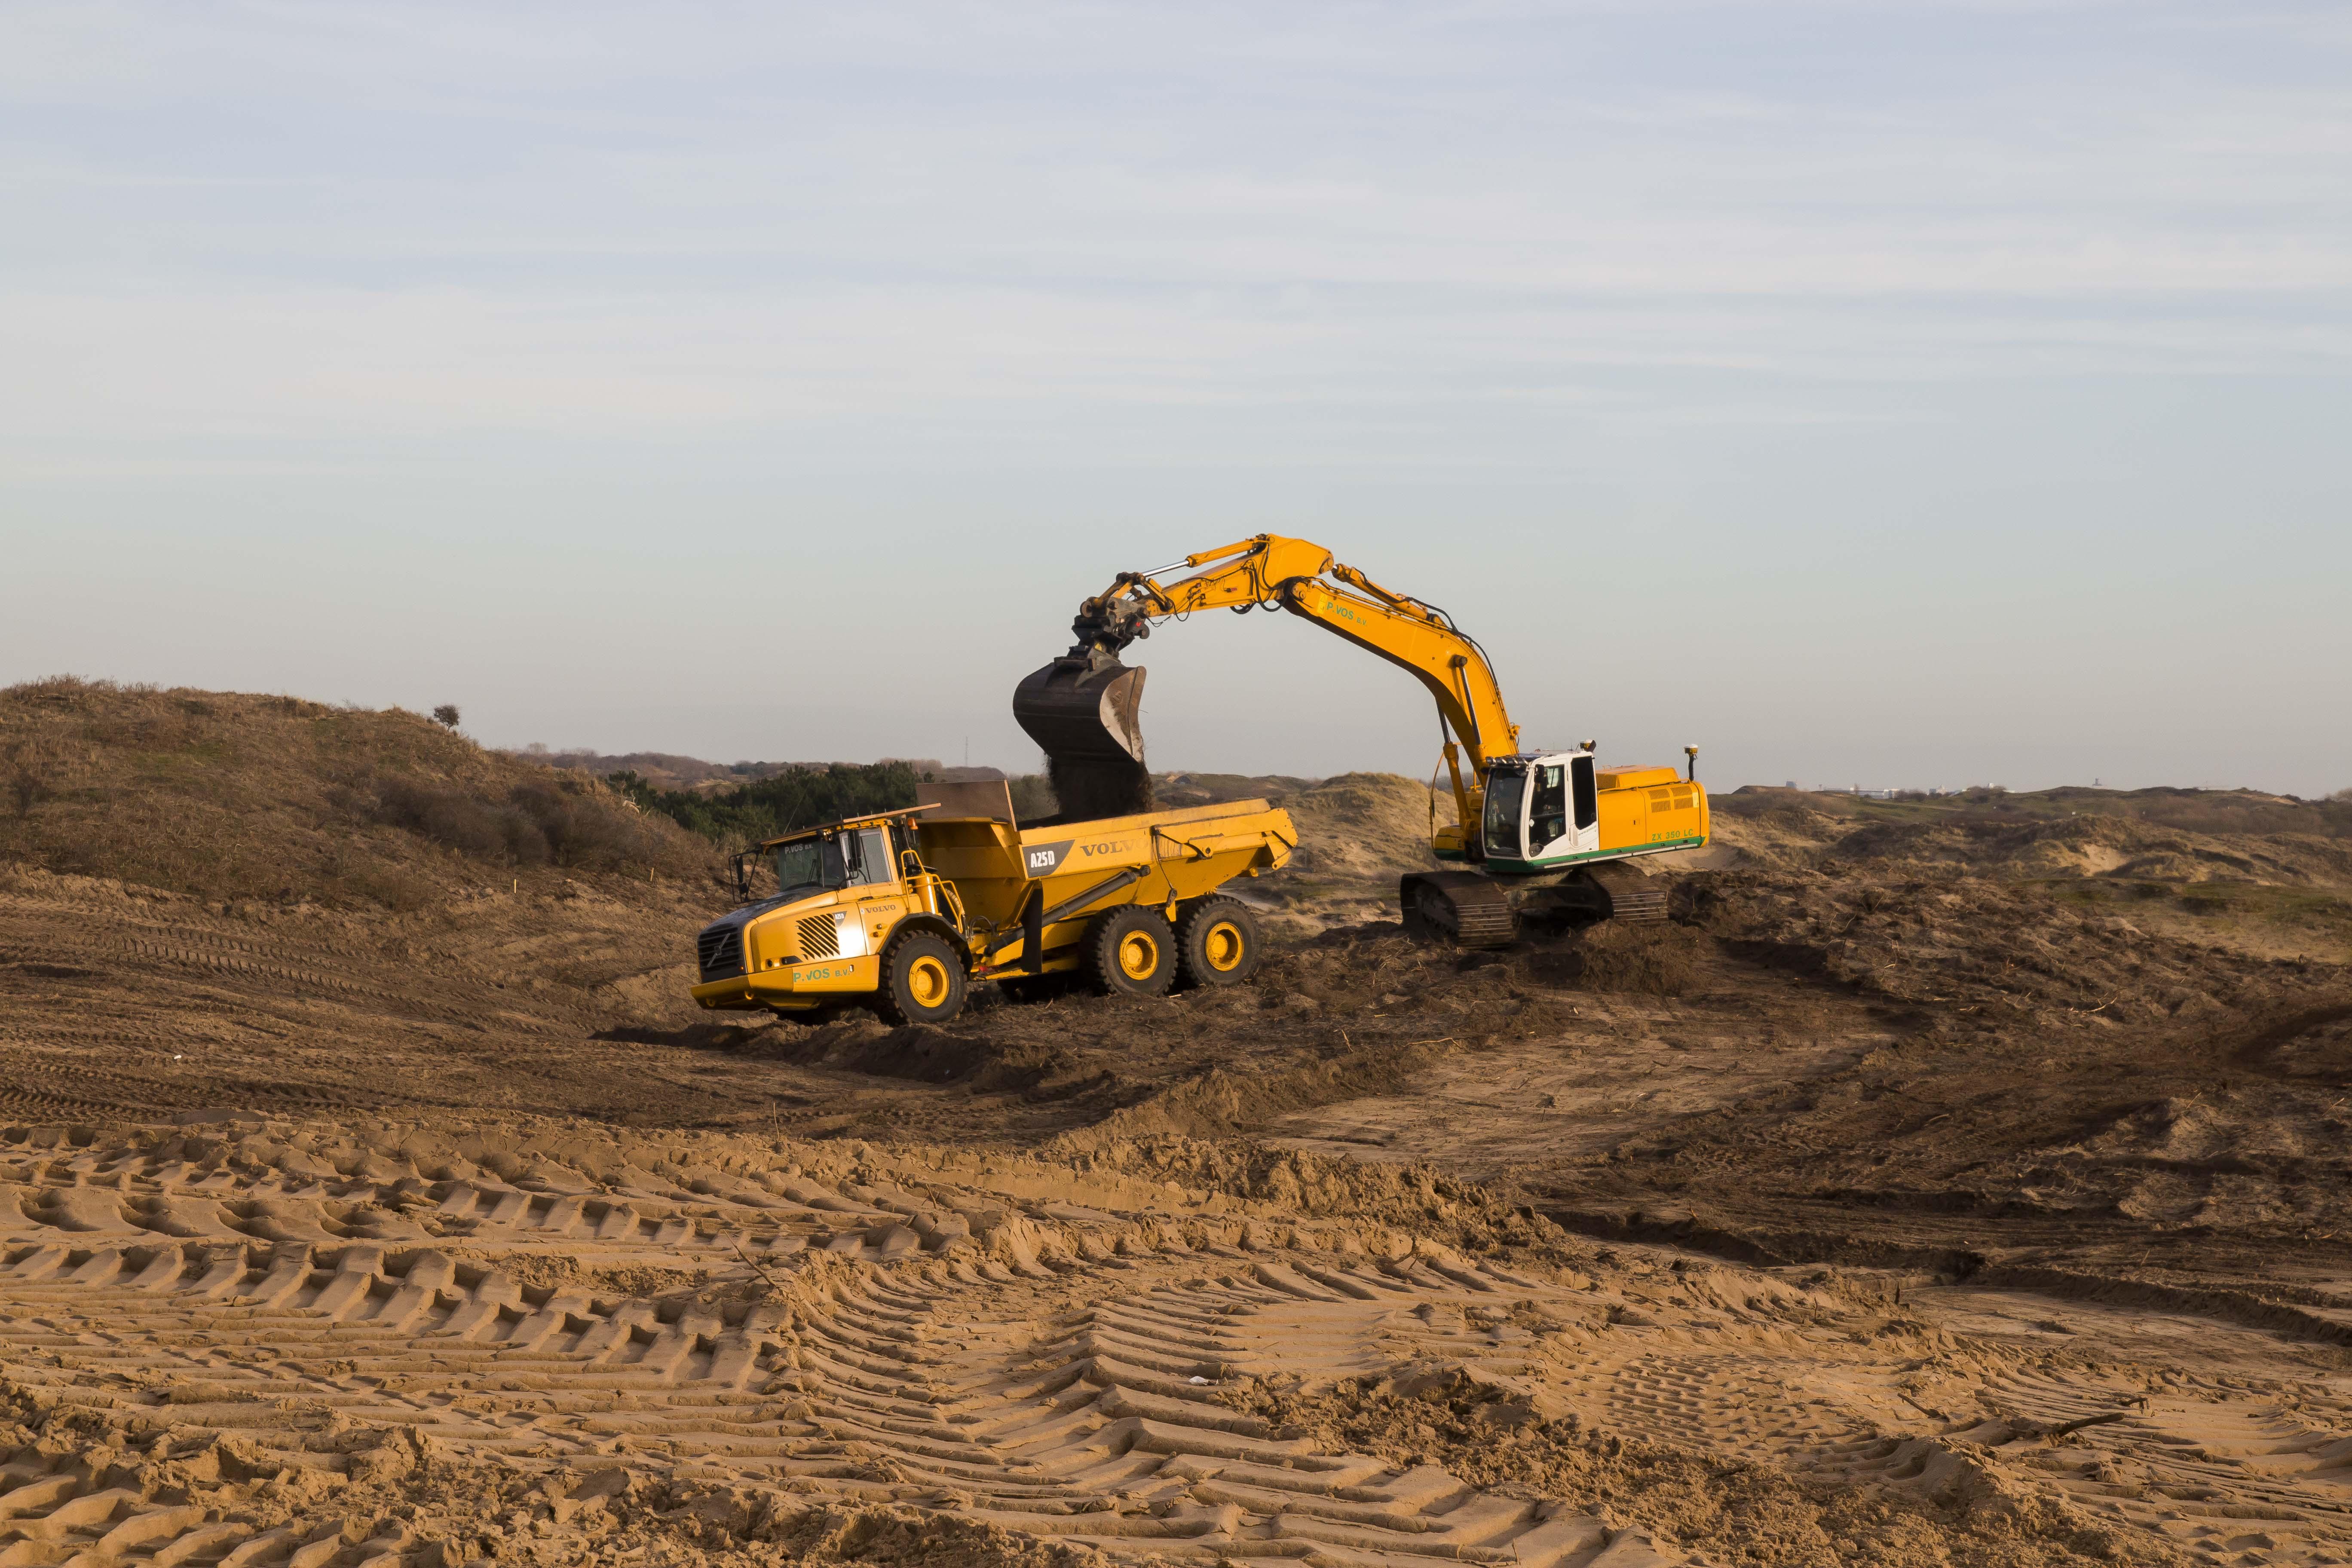 De vruchtbare donkere zandlaag wordt verwerkt en nieuwe 'stuifkuilen' worden gegraven om het duin in beweging te brengen - foto Mark Kras